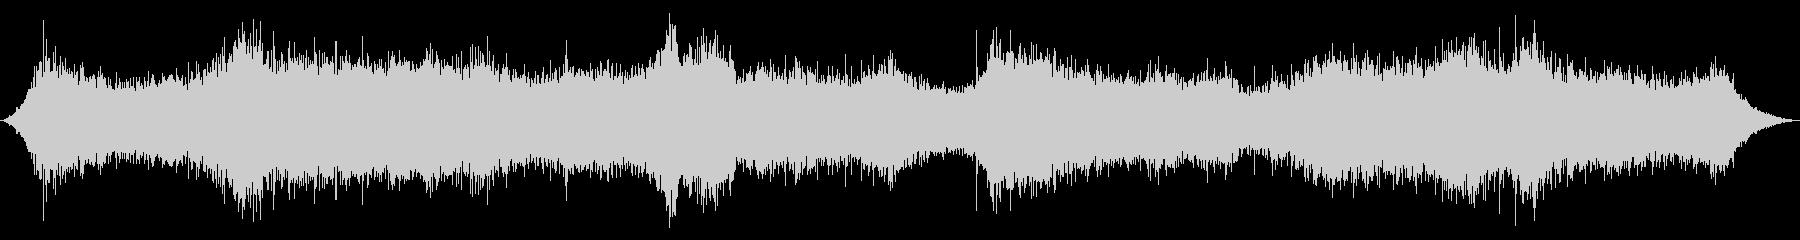 オーシャン:サーフカミングイン、ヘ...の未再生の波形